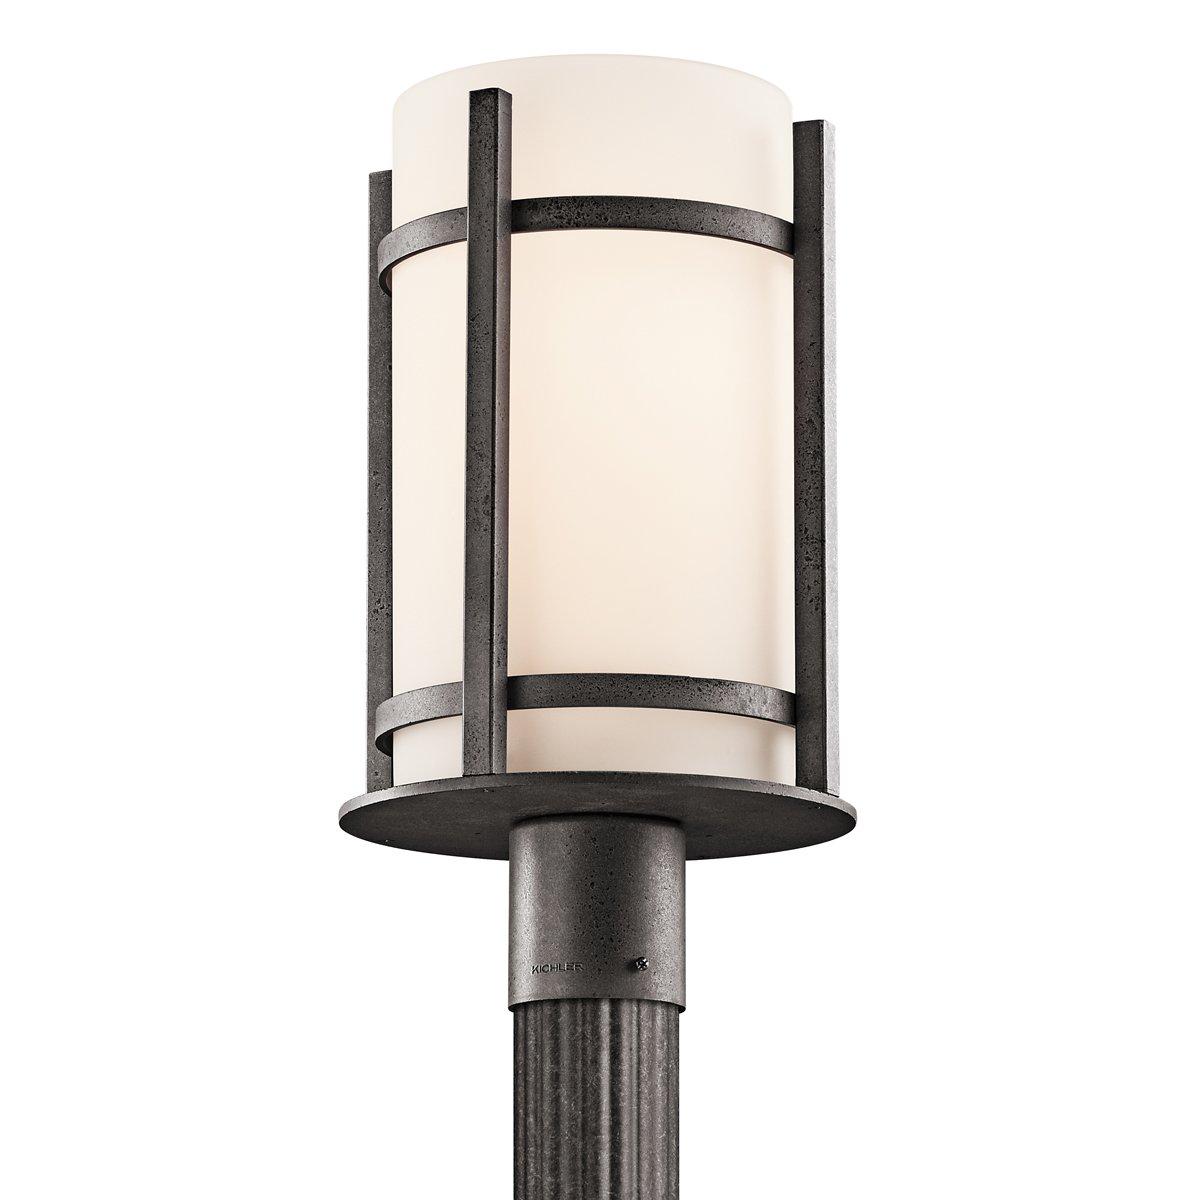 Kichler 49123AVI One Light Outdoor Post Mount